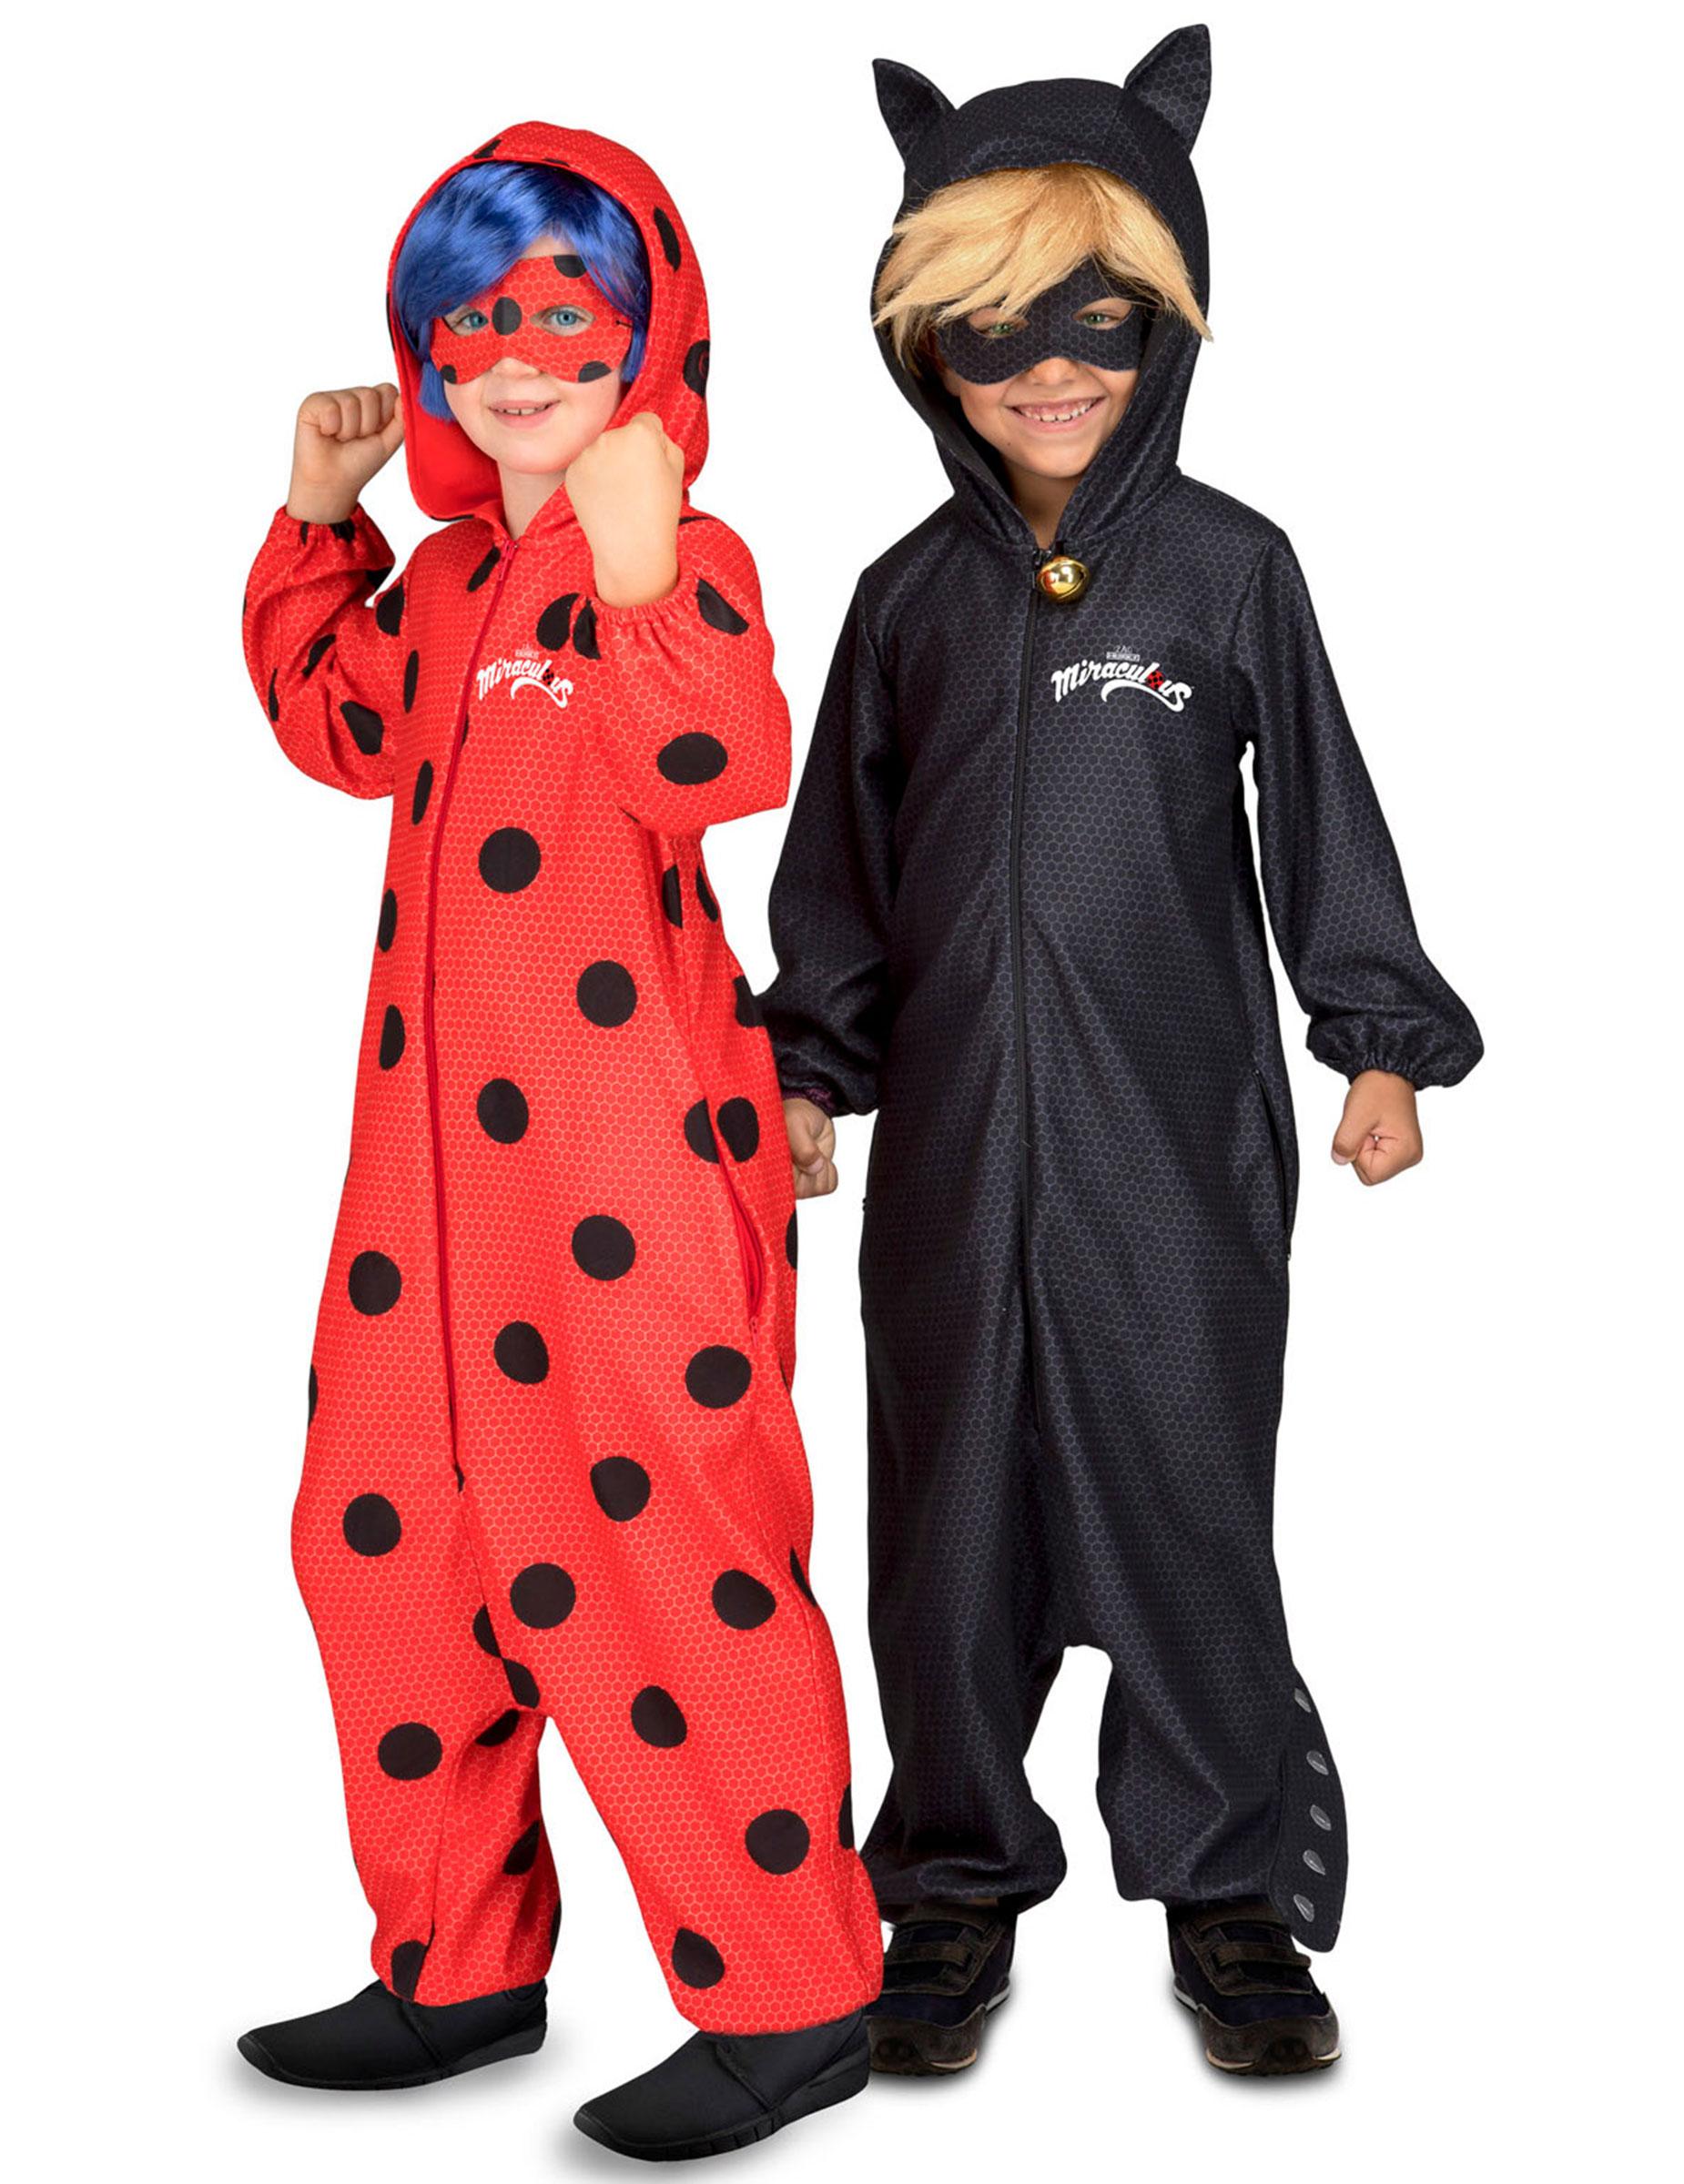 d guisement de couple ladybug et chat noir miraculous. Black Bedroom Furniture Sets. Home Design Ideas